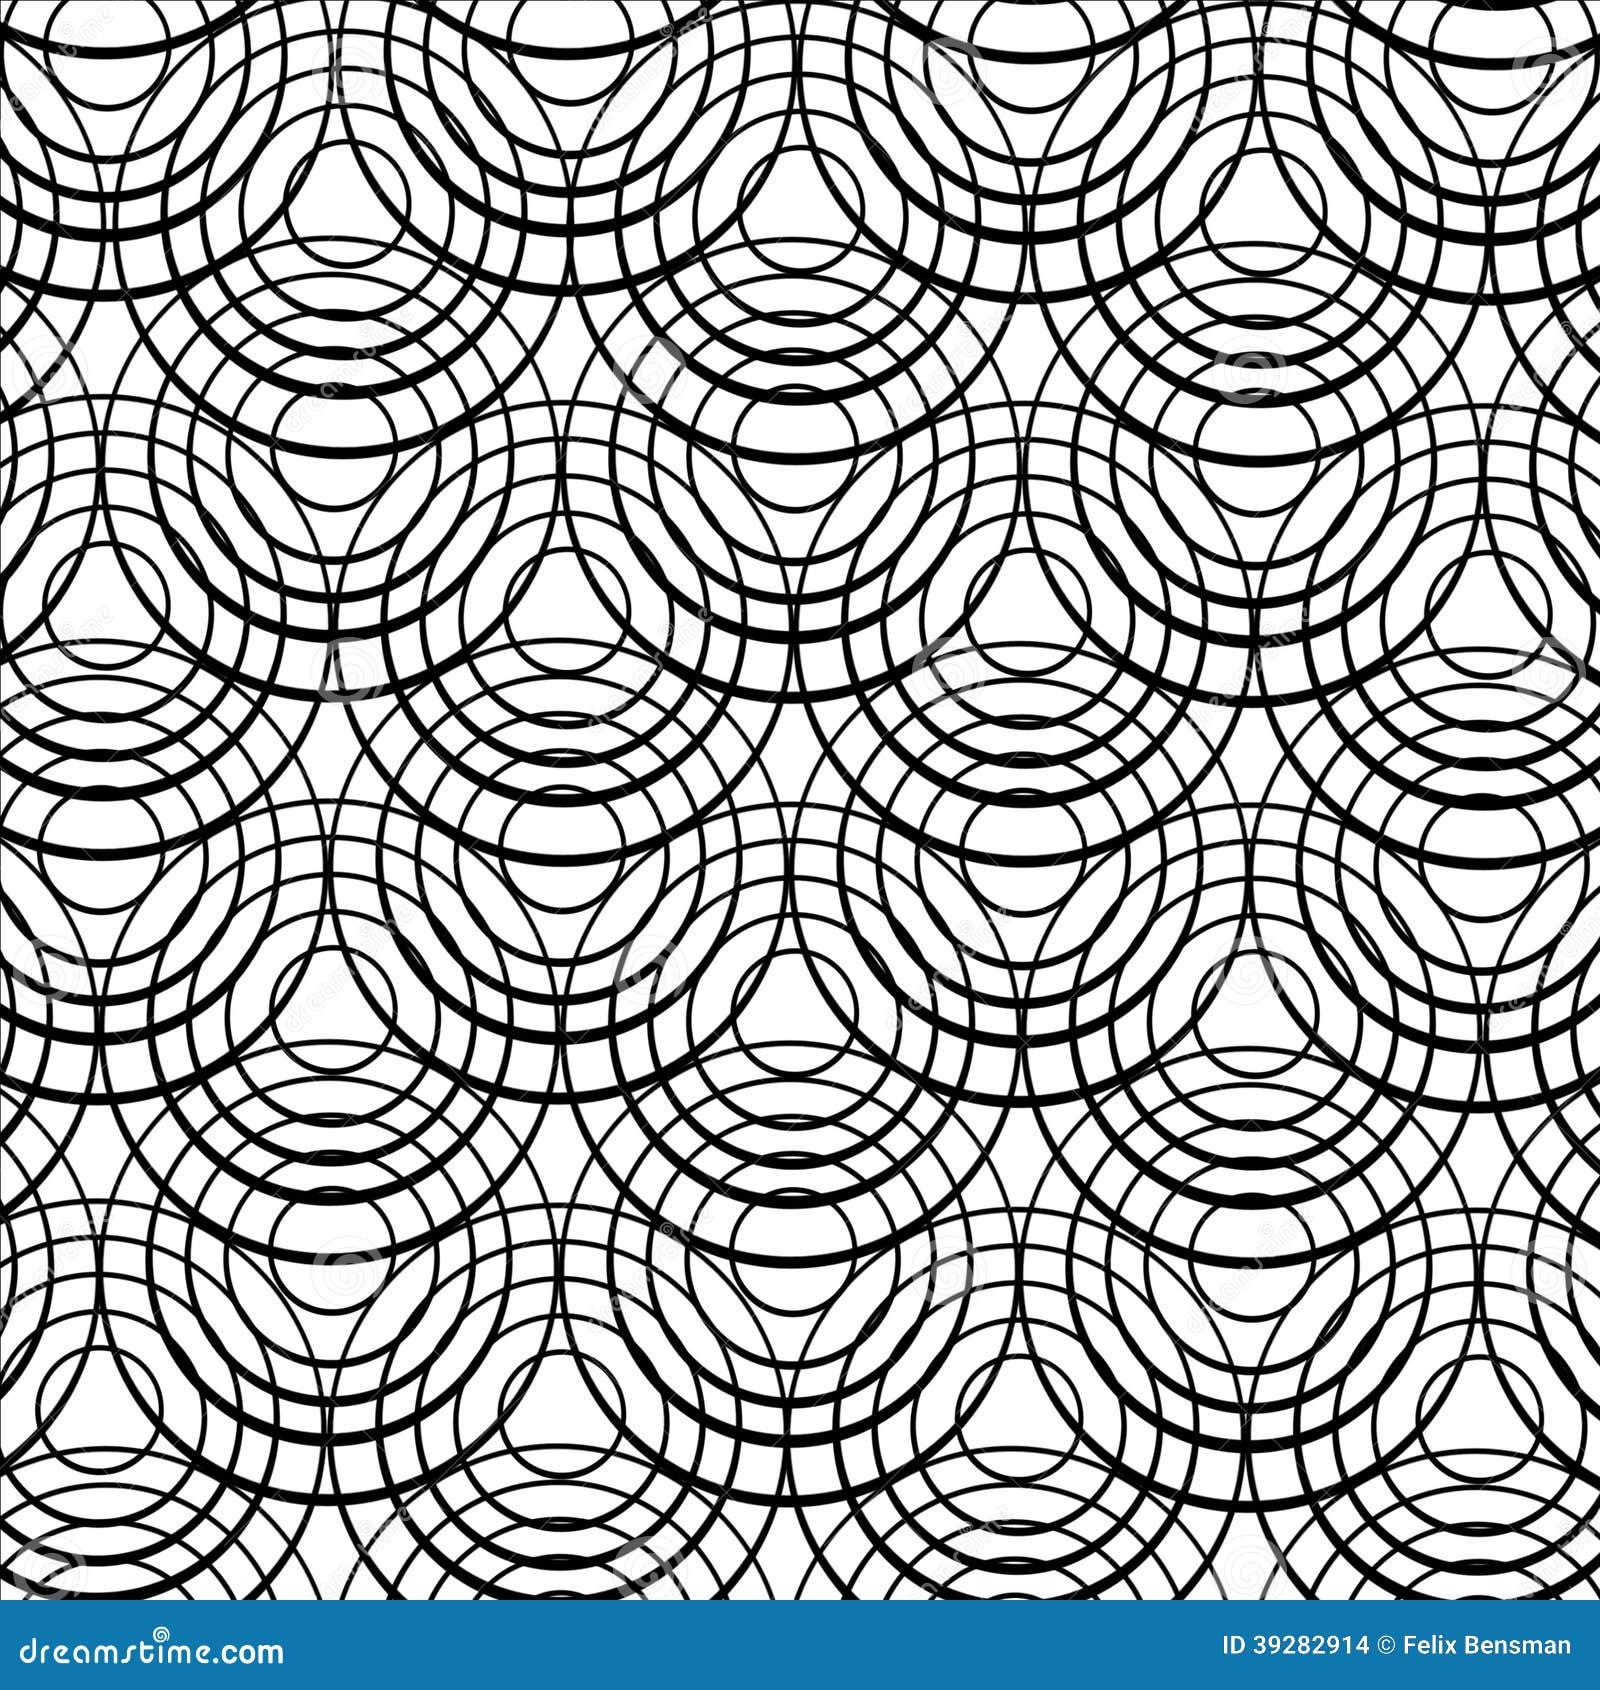 Konzentrische schwarze Ringe